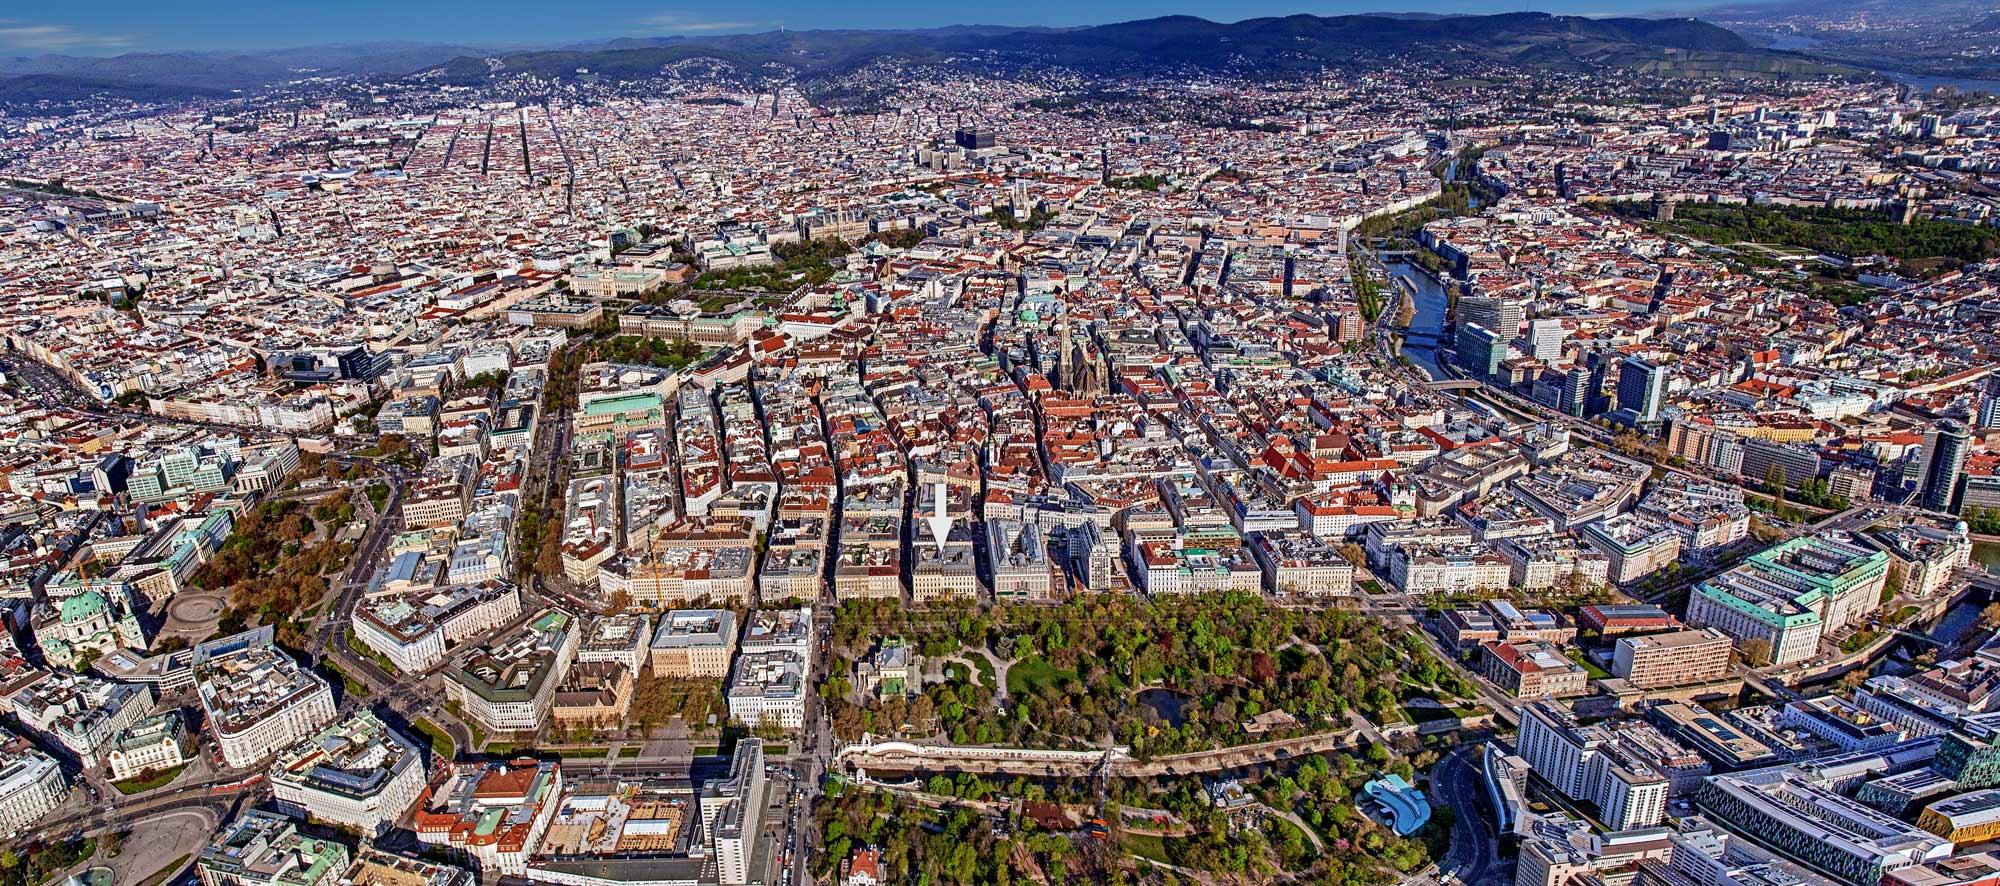 Stadt Wien aus der Vogelperspektive